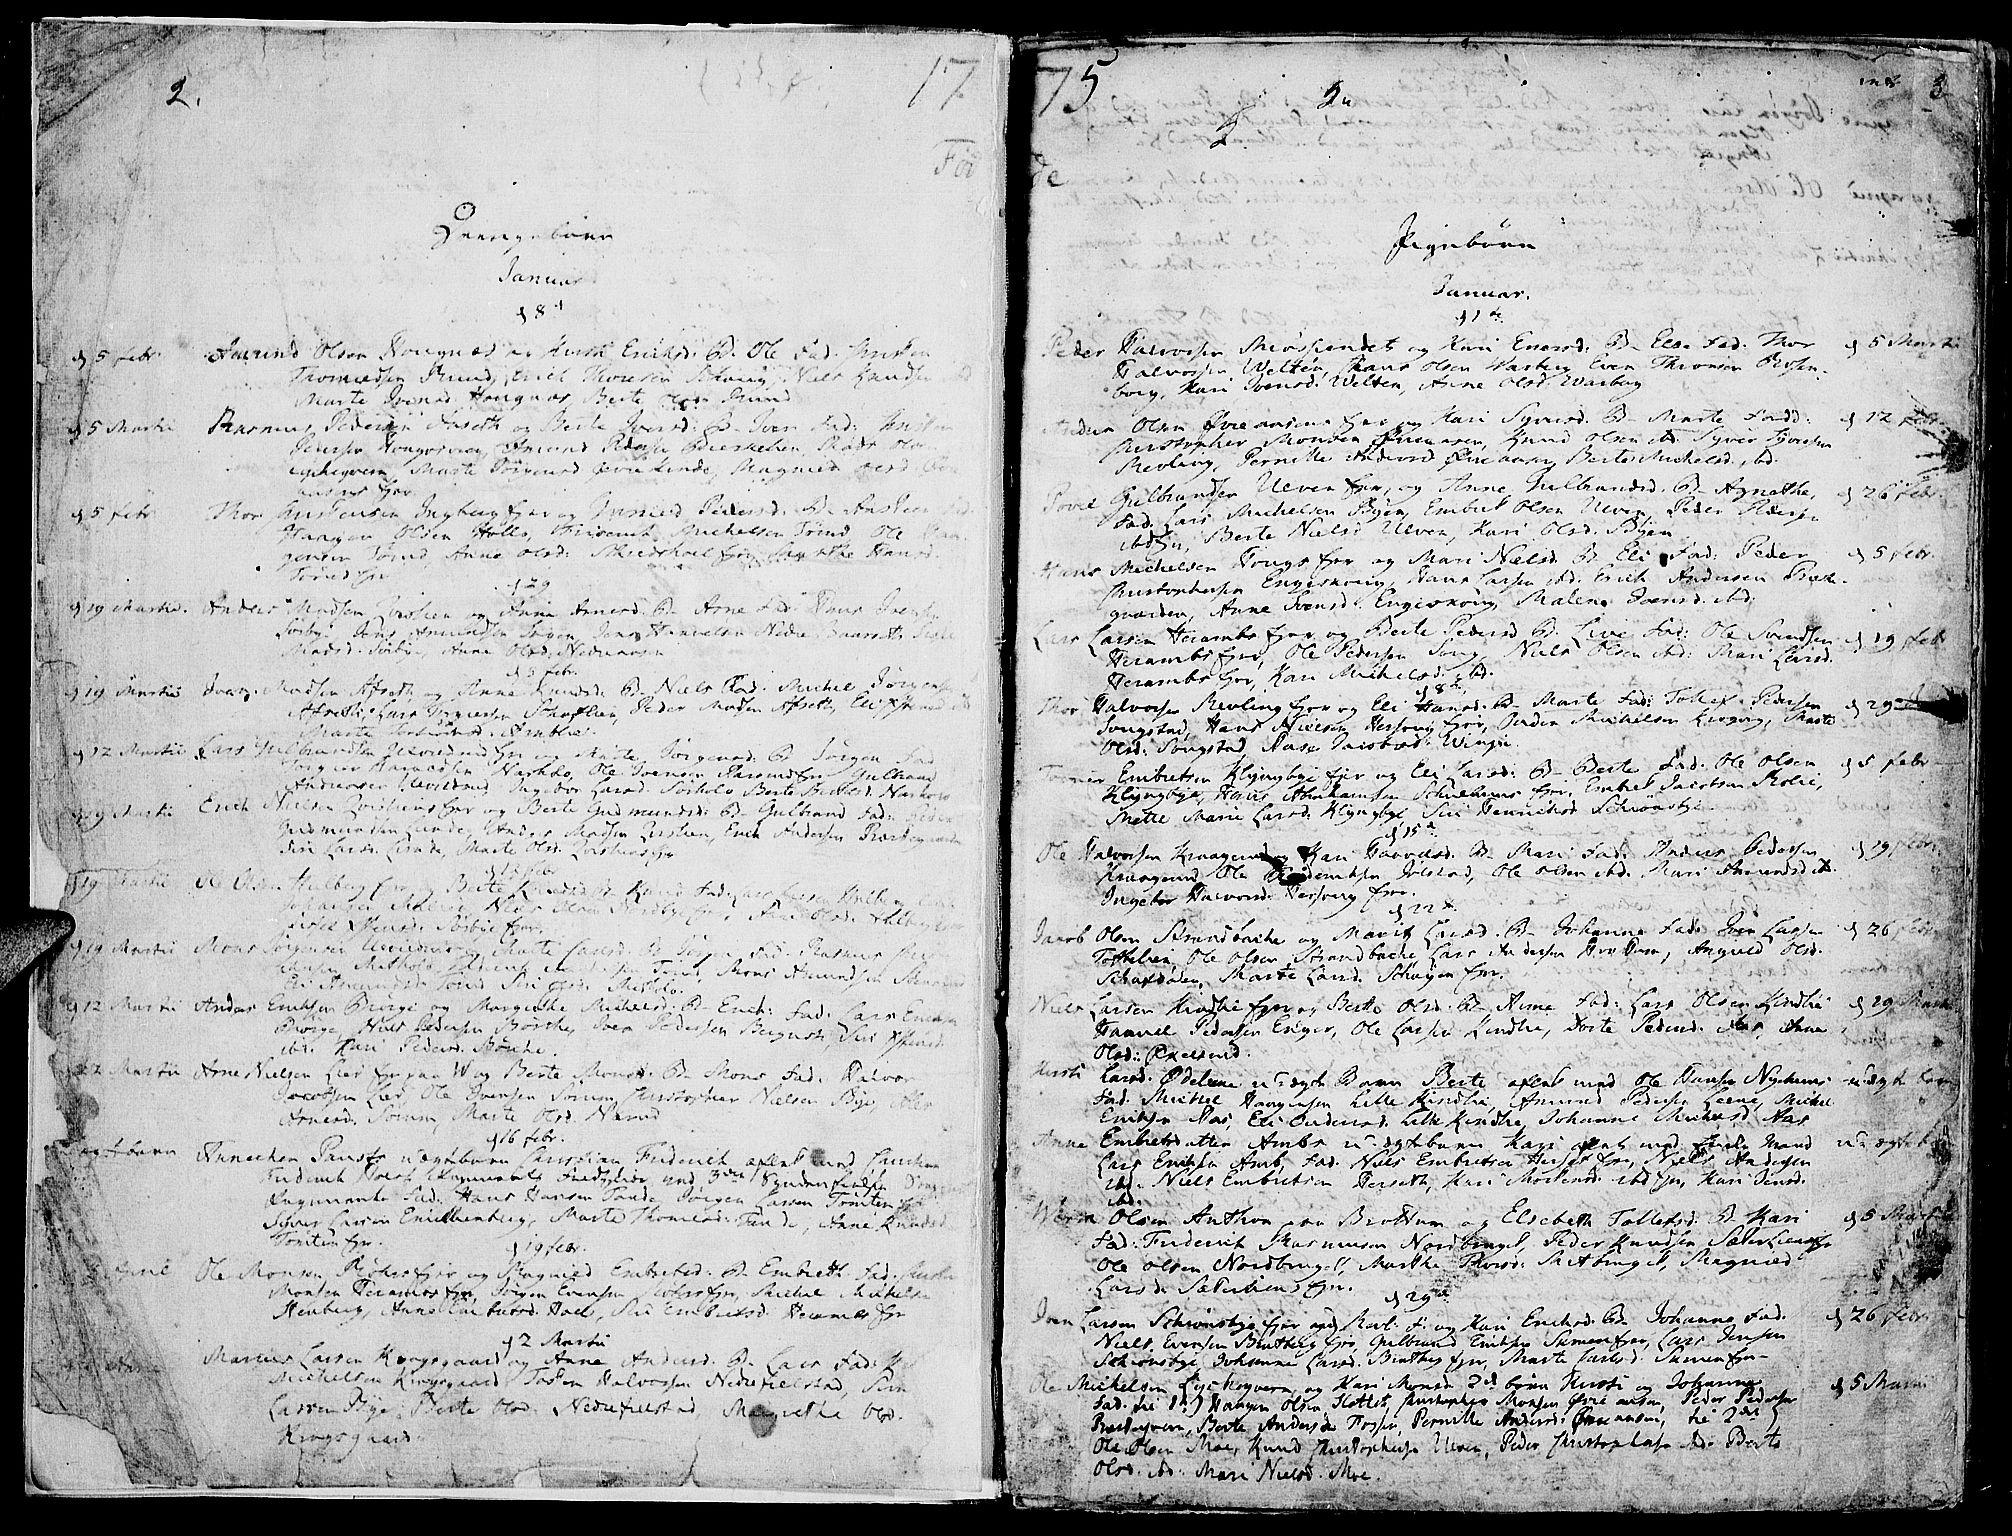 SAH, Ringsaker prestekontor, K/Ka/L0003: Ministerialbok nr. 3, 1775-1798, s. 2-3